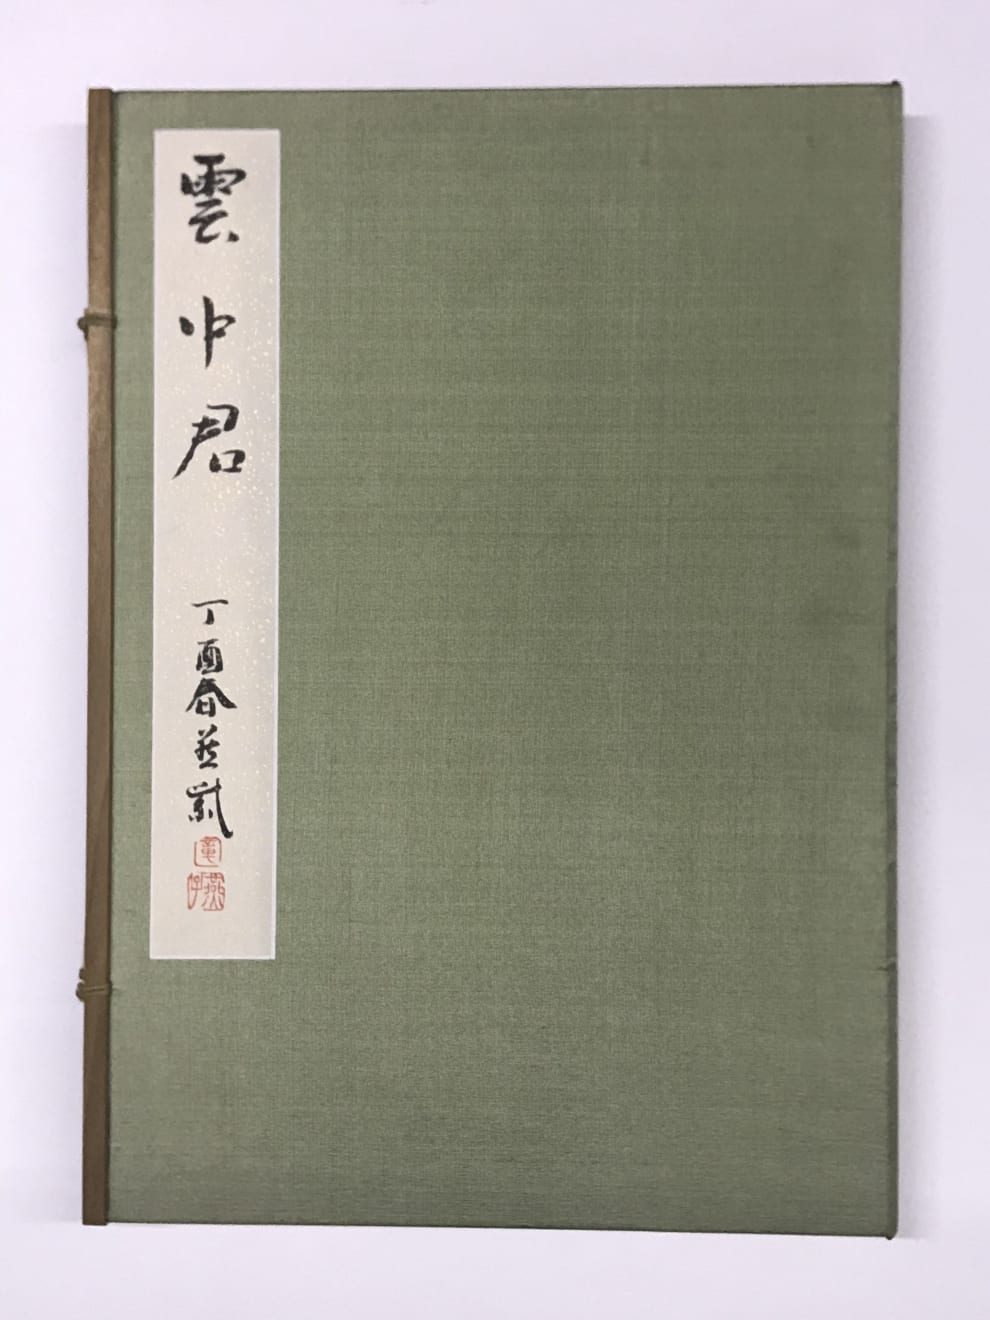 Zhang Yanzi 章燕紫, Yun Zhoung Jun 雲中君, 2017